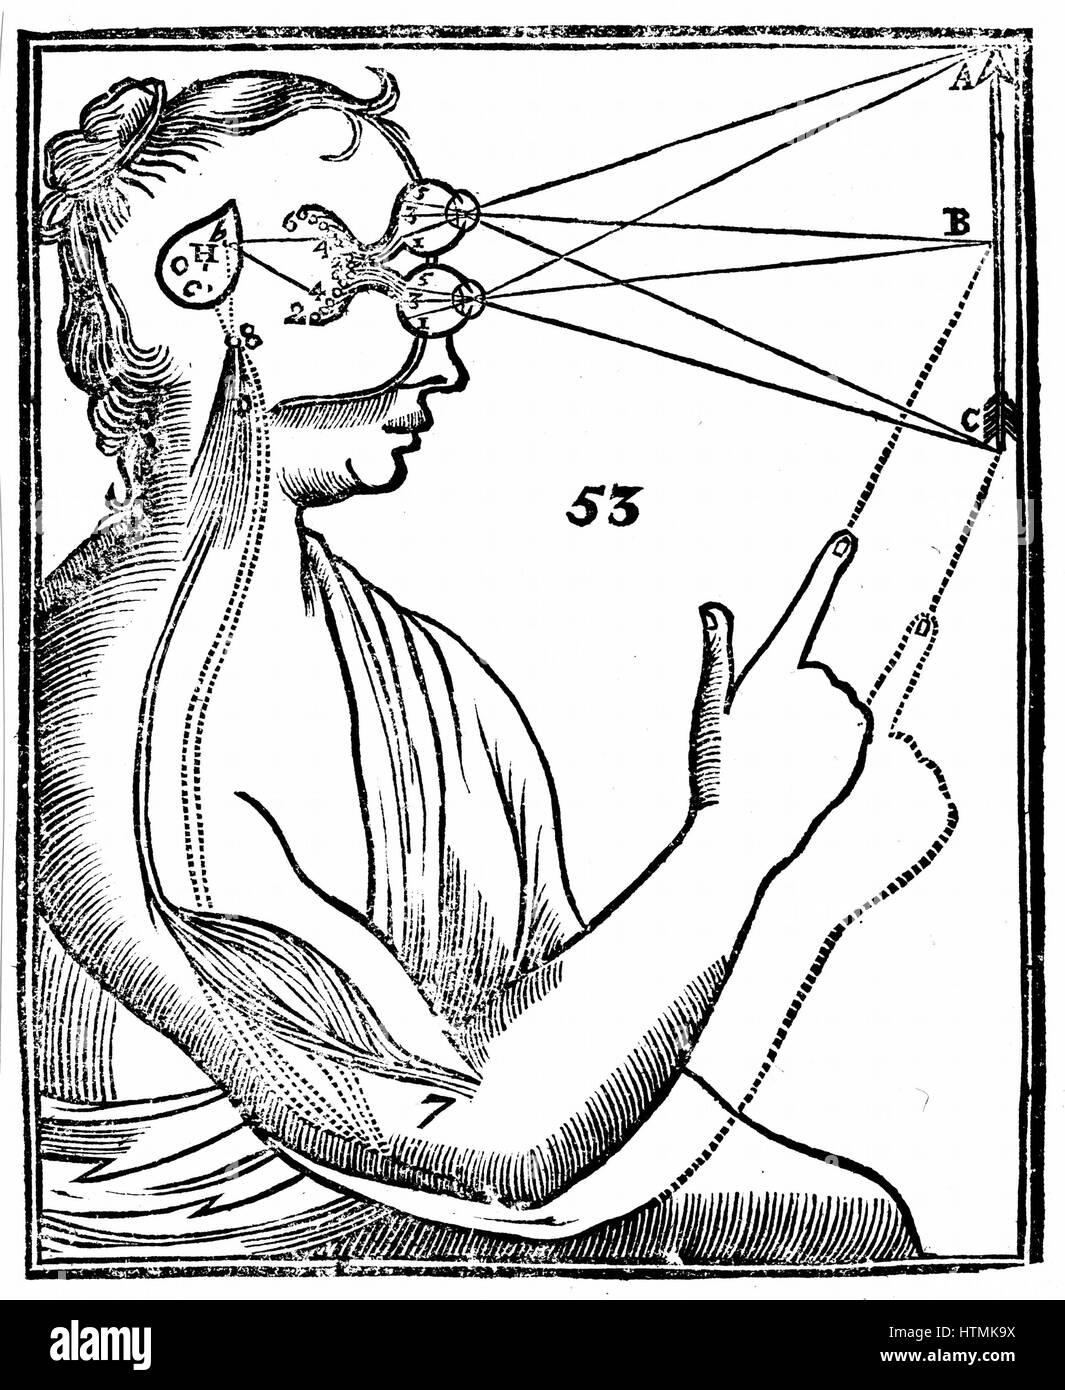 Descartes Idee, Vision, Durchgang von nervösen Impulse aus dem Auge ...